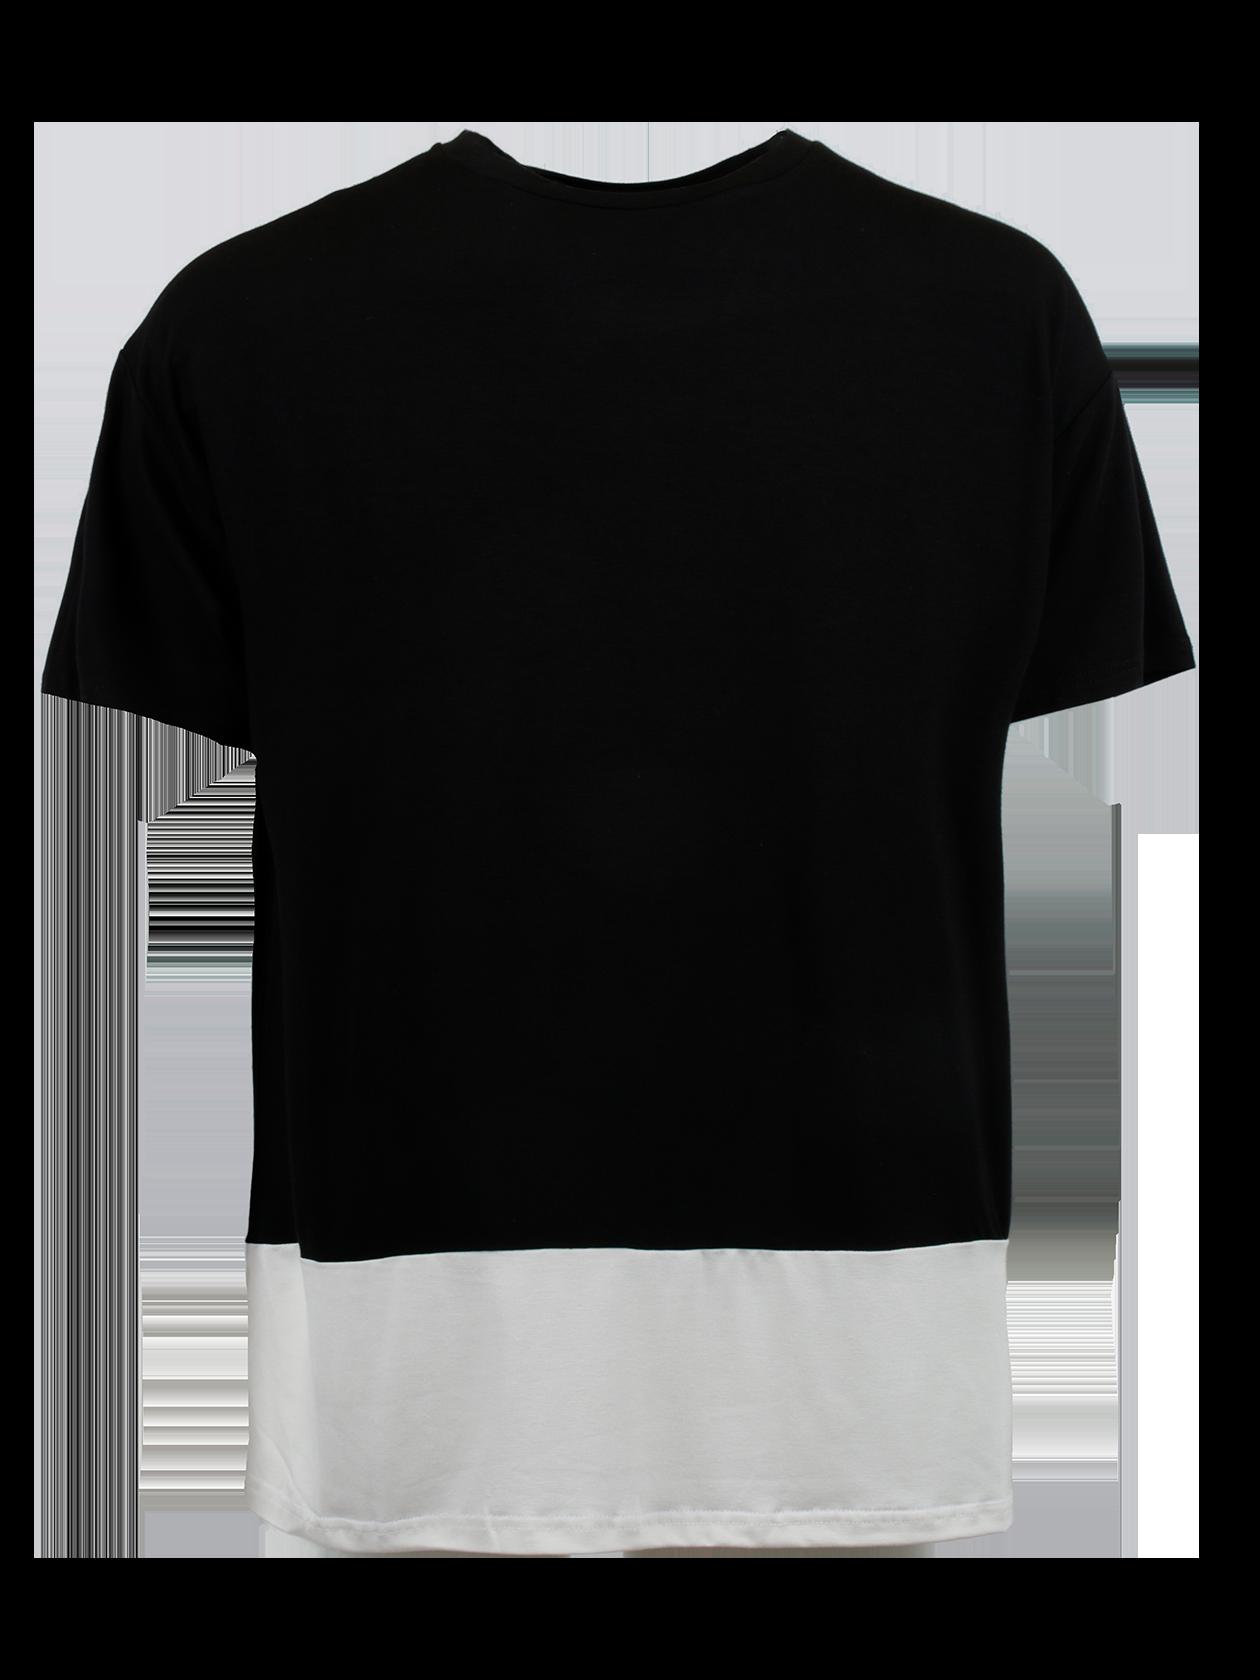 Футболка мужская BS REGULARФутболка мужская BS Regular – стильный и удобный вариант на каждый день. Модель свободного силуэта с небольшим расширением к верхней части. Опущенная линия плеча, широкий короткий рукав, узкая горловина с эластичной обработкой. Изделие представлено в двух расцветках – хаки с белым низом и черная с белым низом. С тыльной стороны внизу оформлена крупная надпись Black Star. Футболка создана из элитного натурального хлопка, отличающегося особым качеством и практичностью.<br><br>Размер: M<br>Цвет: Черный<br>Пол: Мужской